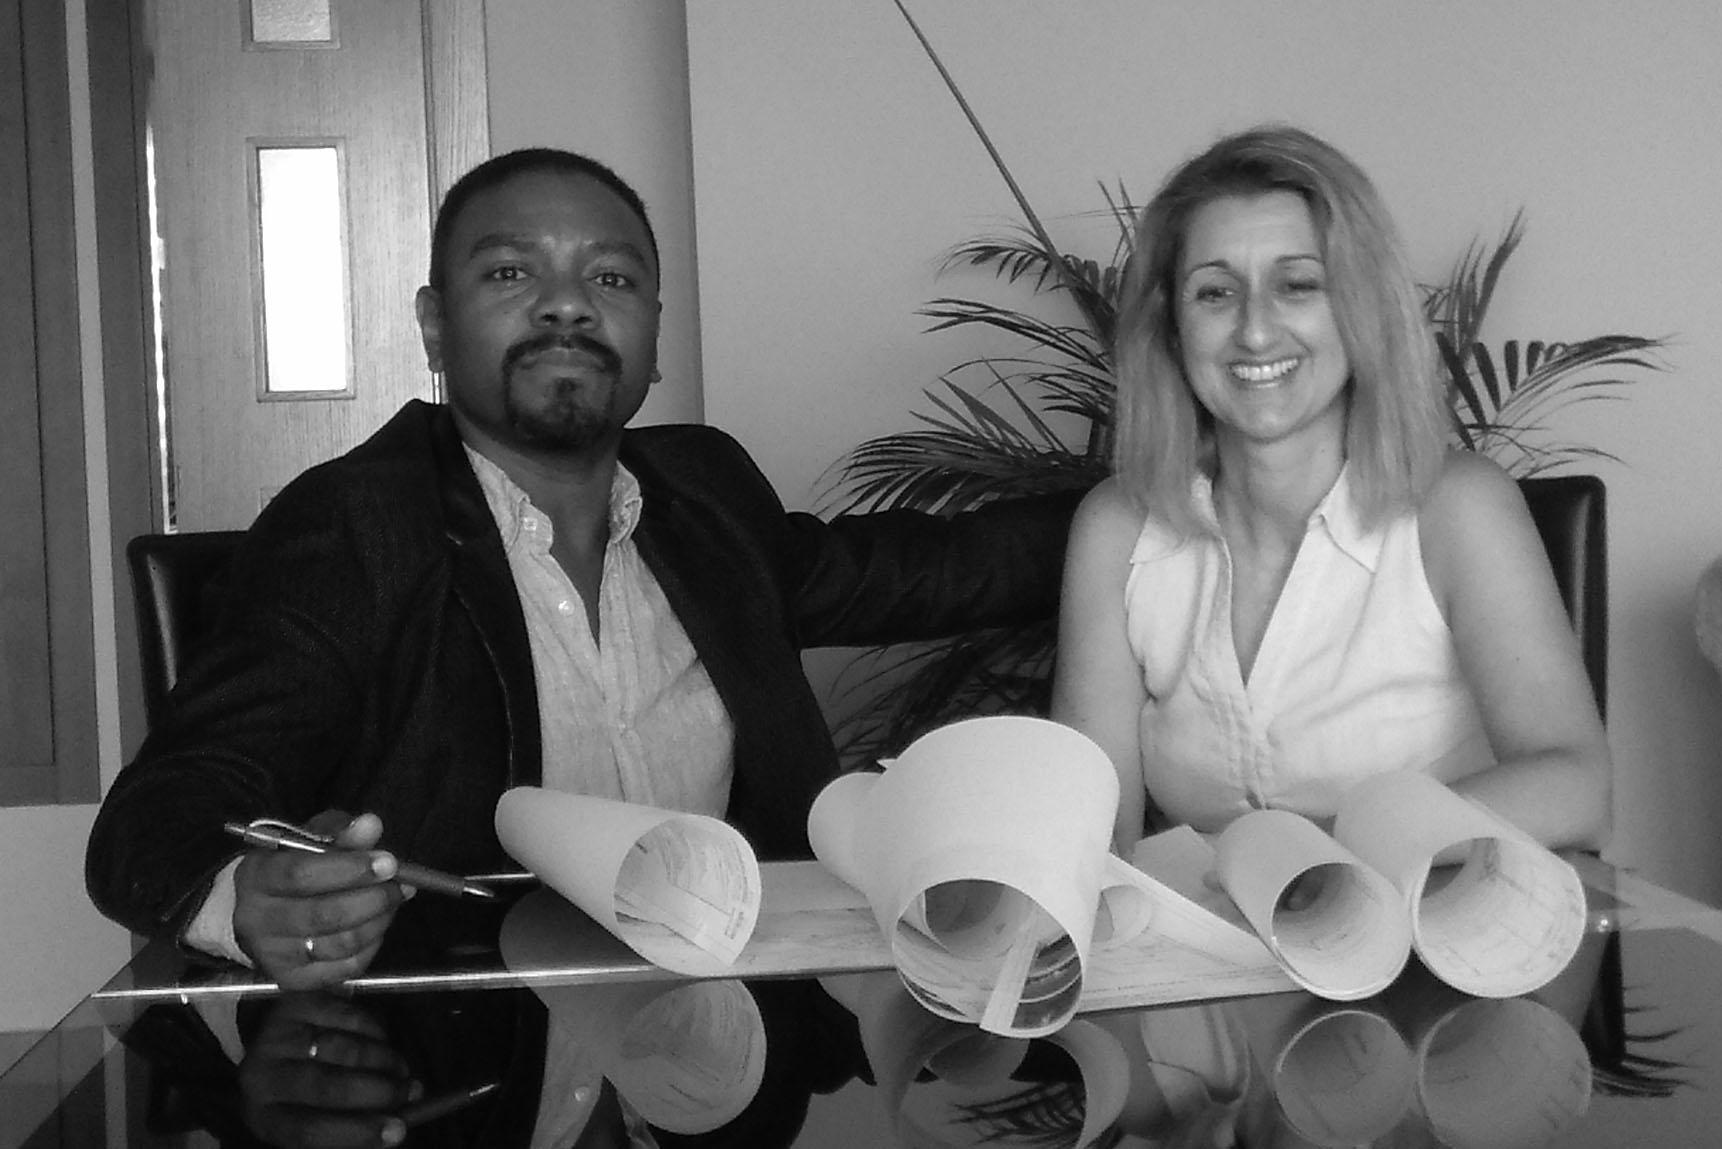 Esther Berenguer y Lino Zorrilla forman CASAGRANDA. Dos profesionales con distinta formación,  que descubren que comparten la forma de concebir el mundo y que la fusión de sus capacidades